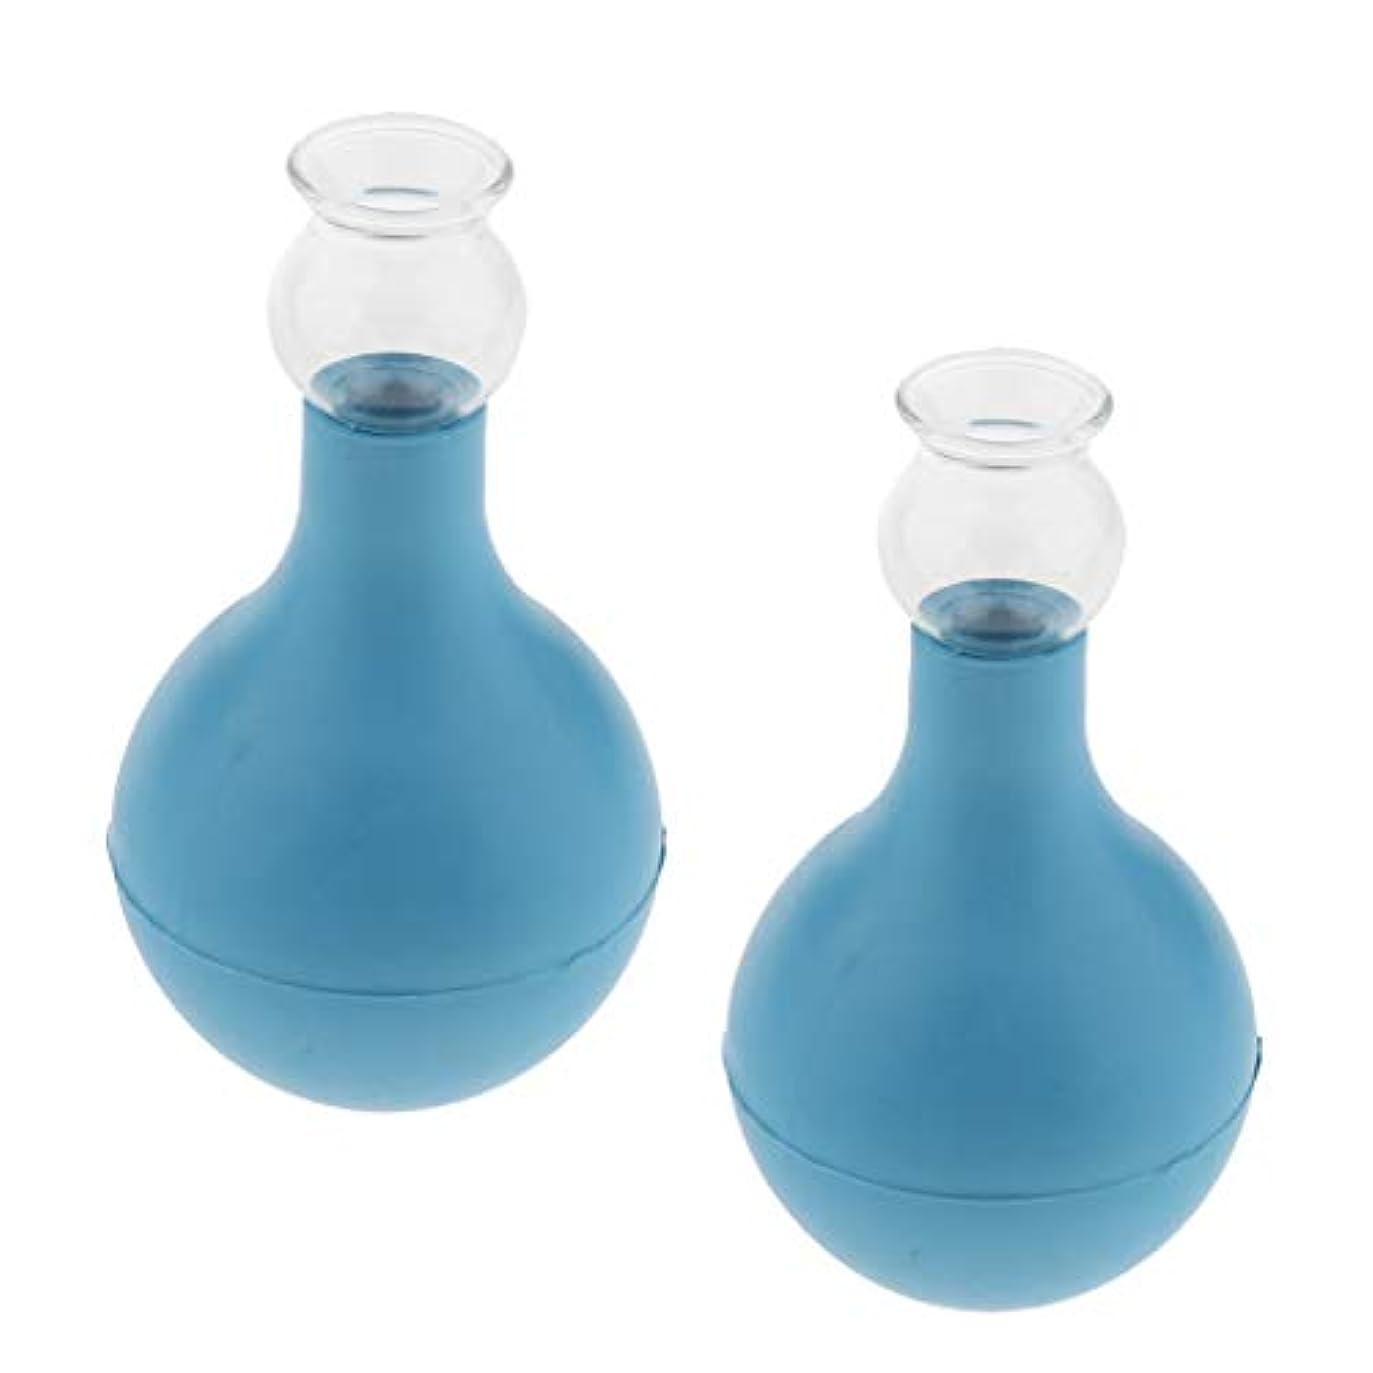 夜間合計主権者chiwanji 5PCS安全なガラス吸引真空カッピング マッサージサロン ホーム - ブルー+ブルー2cm